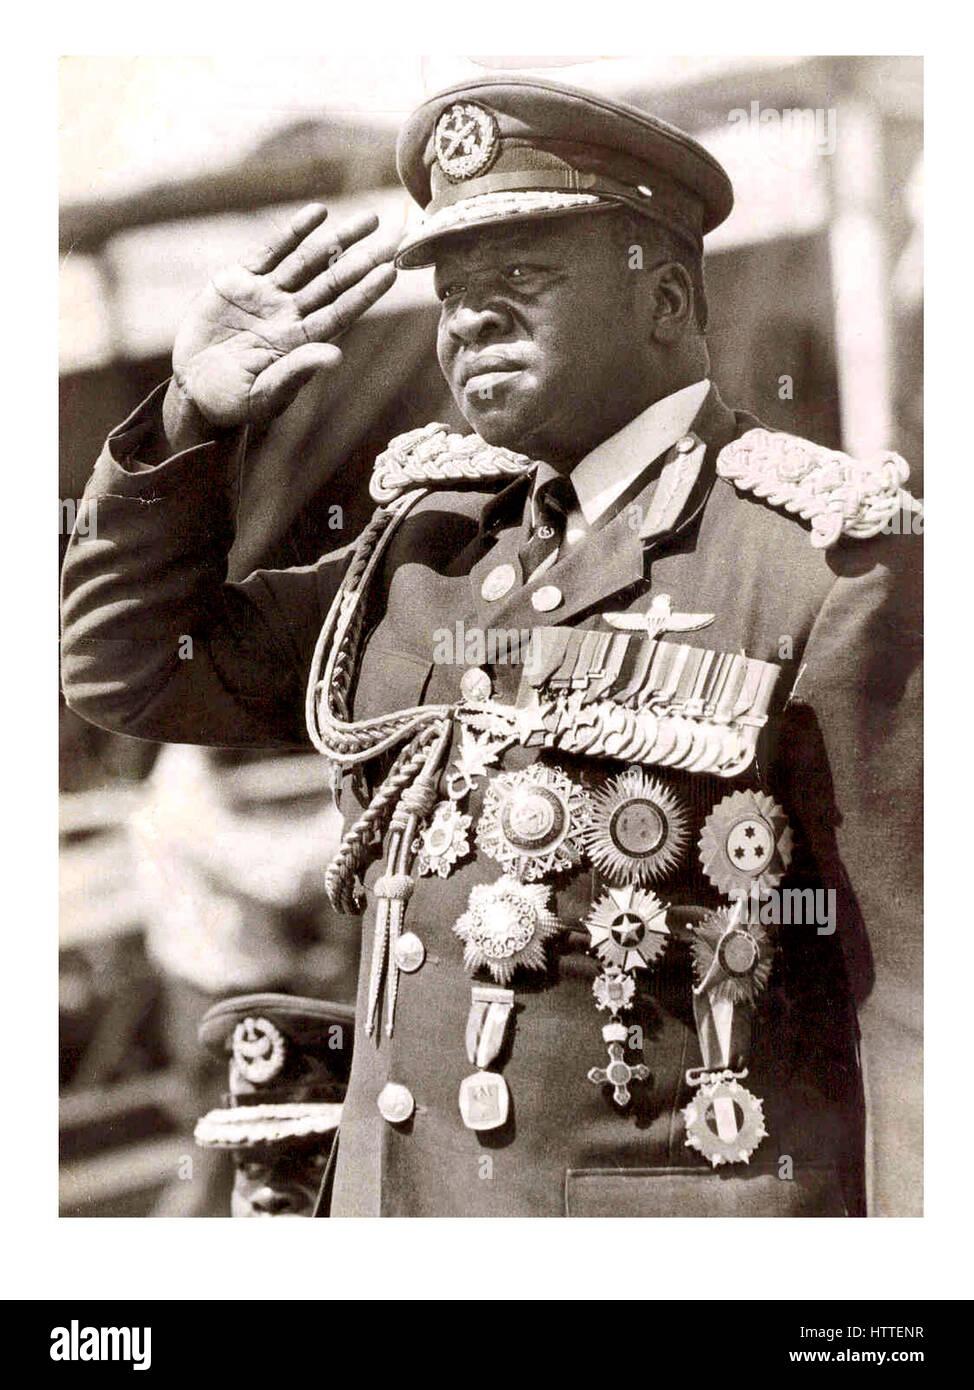 Idi Amin Dada en Ouganda 1971-1979 Président de porter l'auto reçoit des médailles pour bravoure Photo Stock